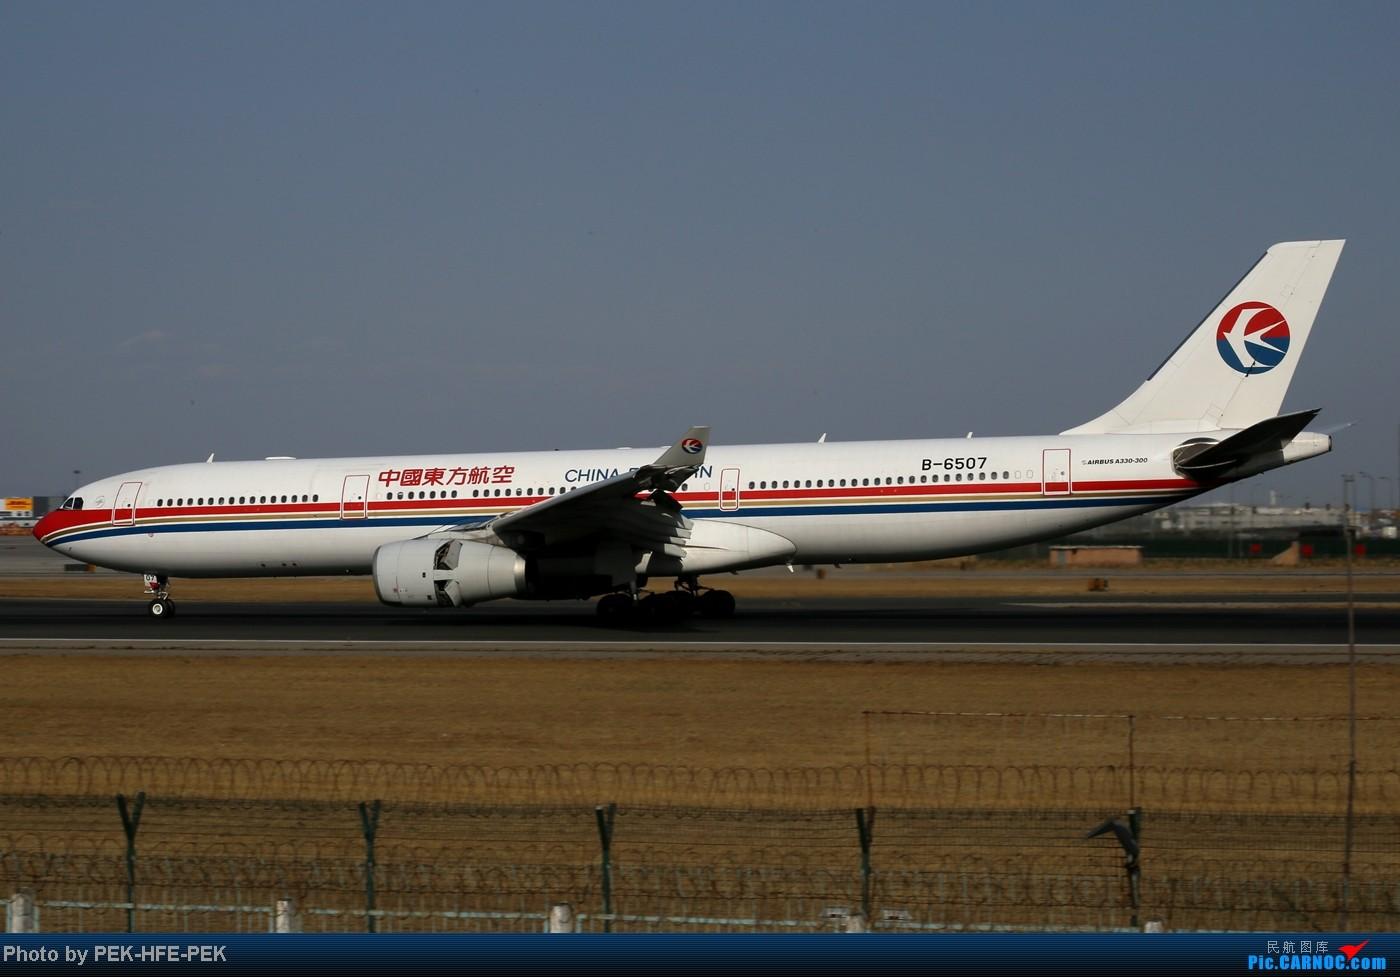 [原创]【AutumnKwok】我在西跑拍的所有东航330-300,纪念拍机一周年! AIRBUS A330-300 B-6507